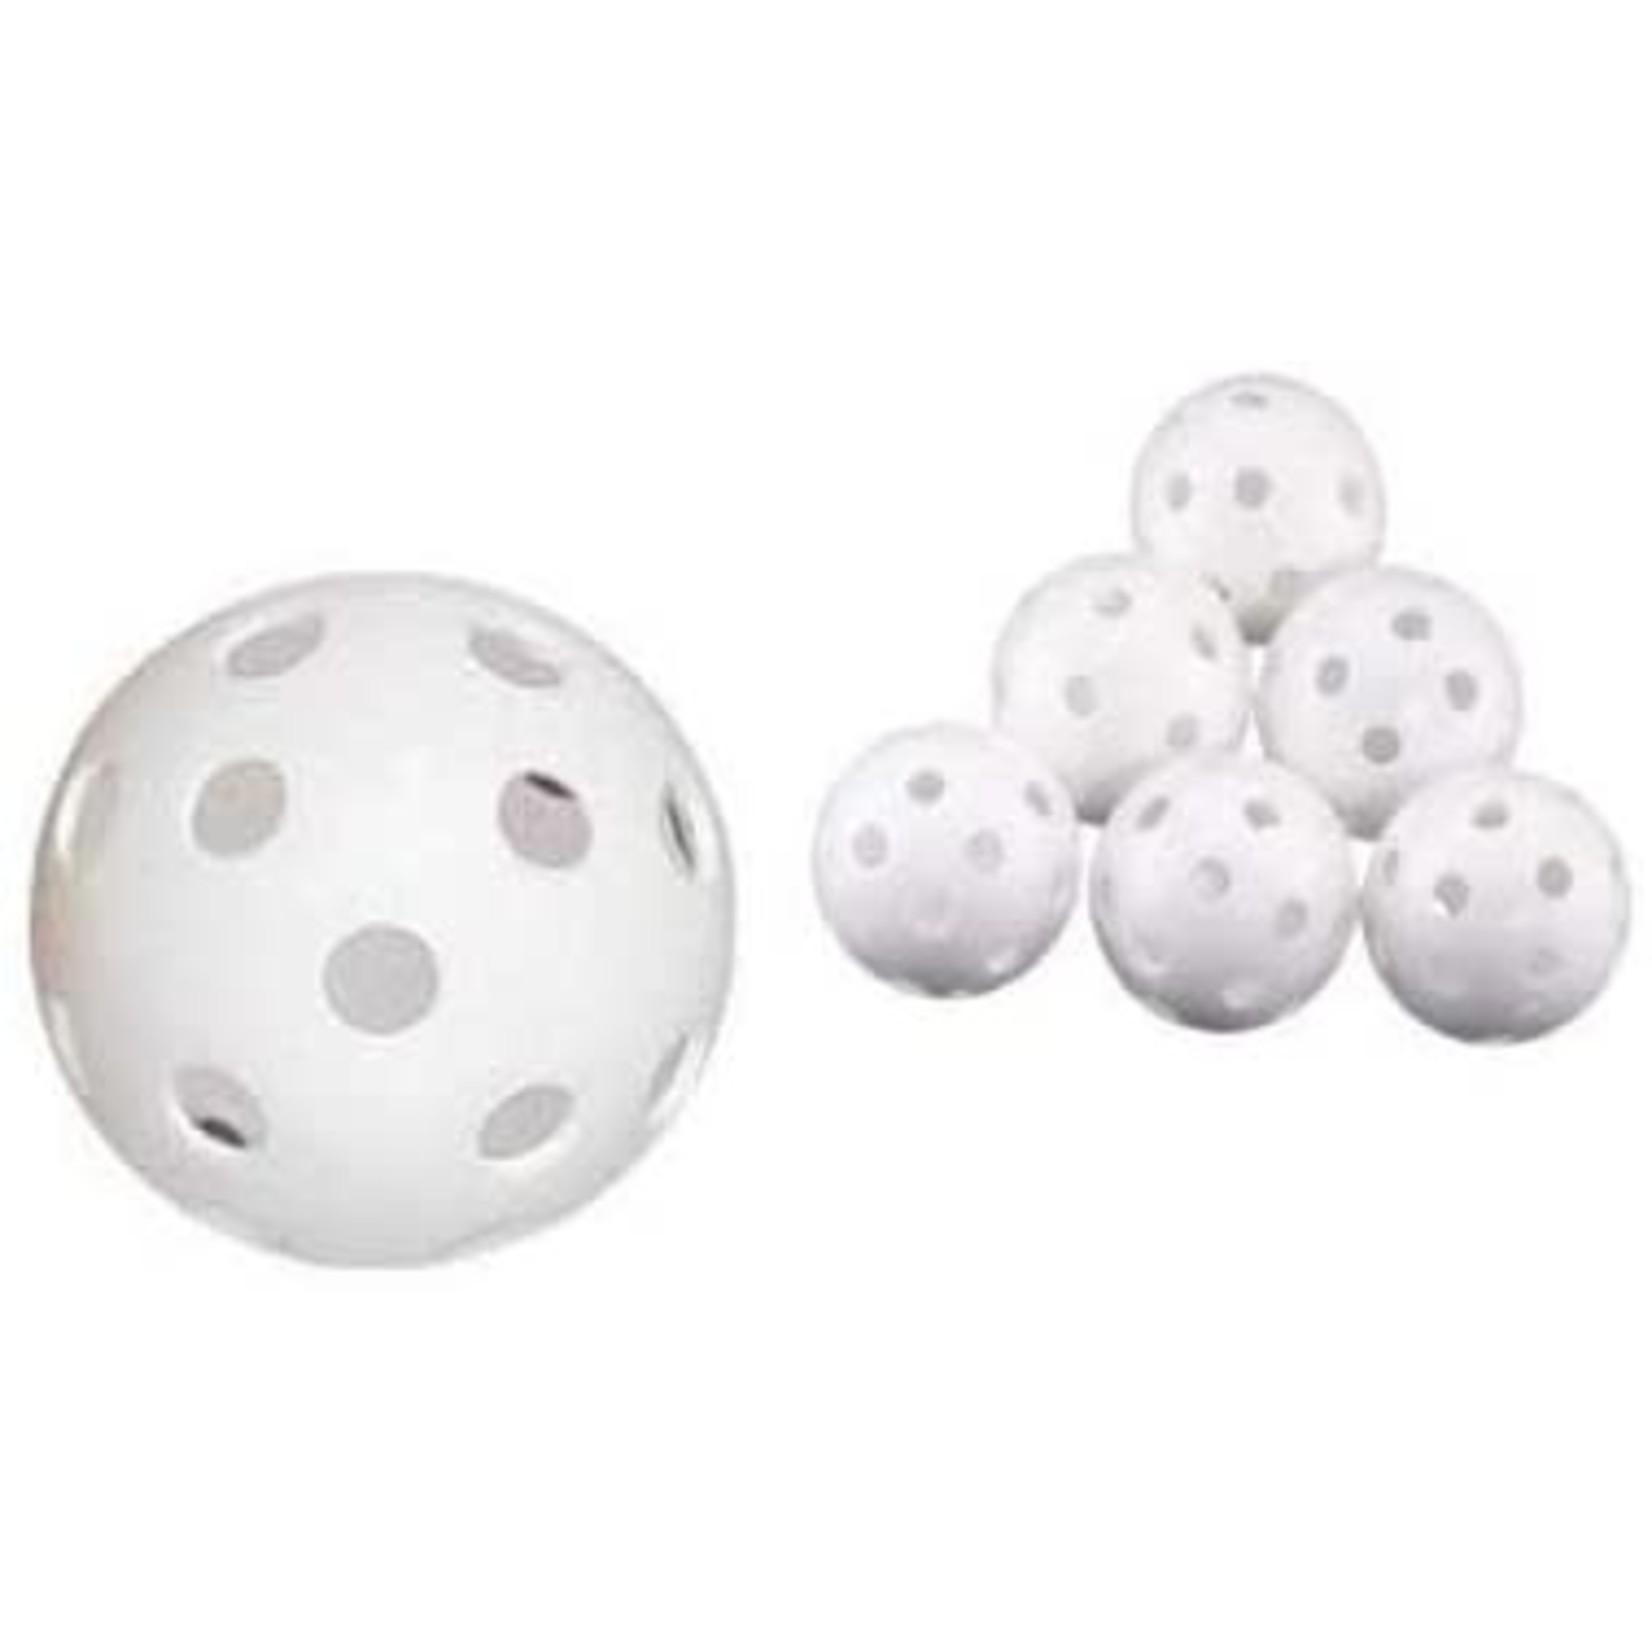 Legend Legend Plastic Hollow Balls, 9 Pieces